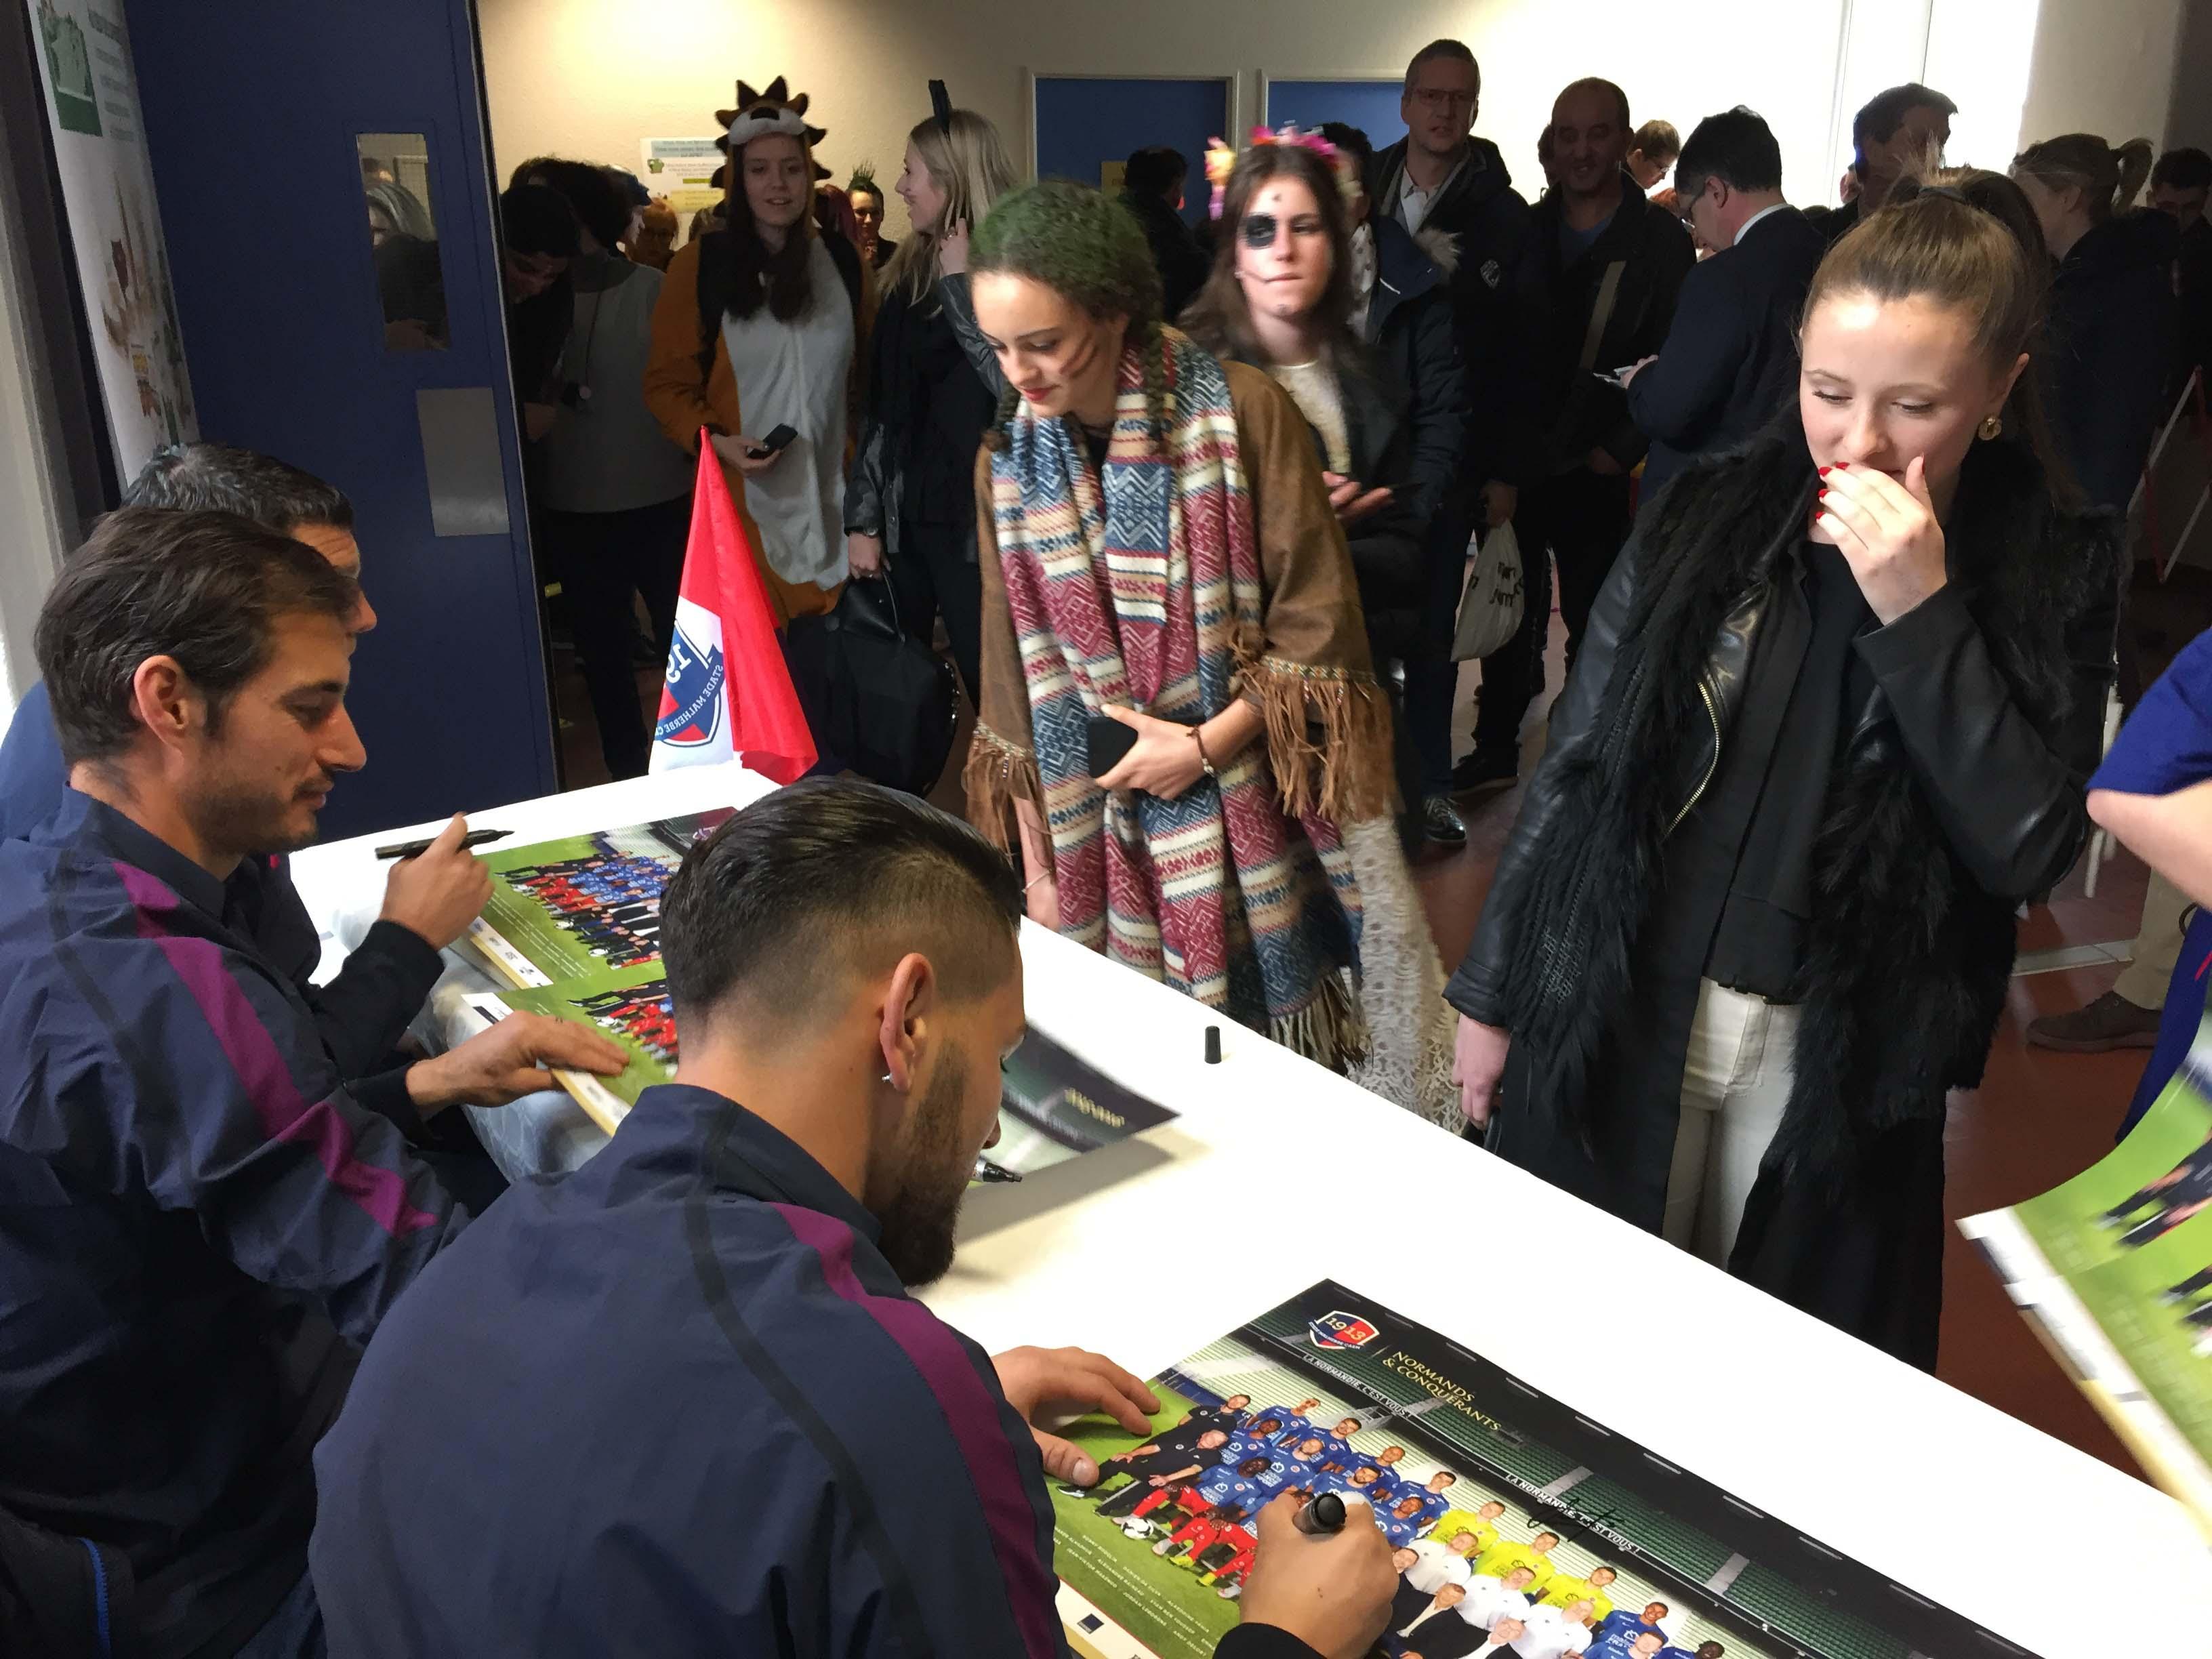 Séance de dédicaces pour les trois joueurs du Stade Malherbe de Caen (Photo@DR)